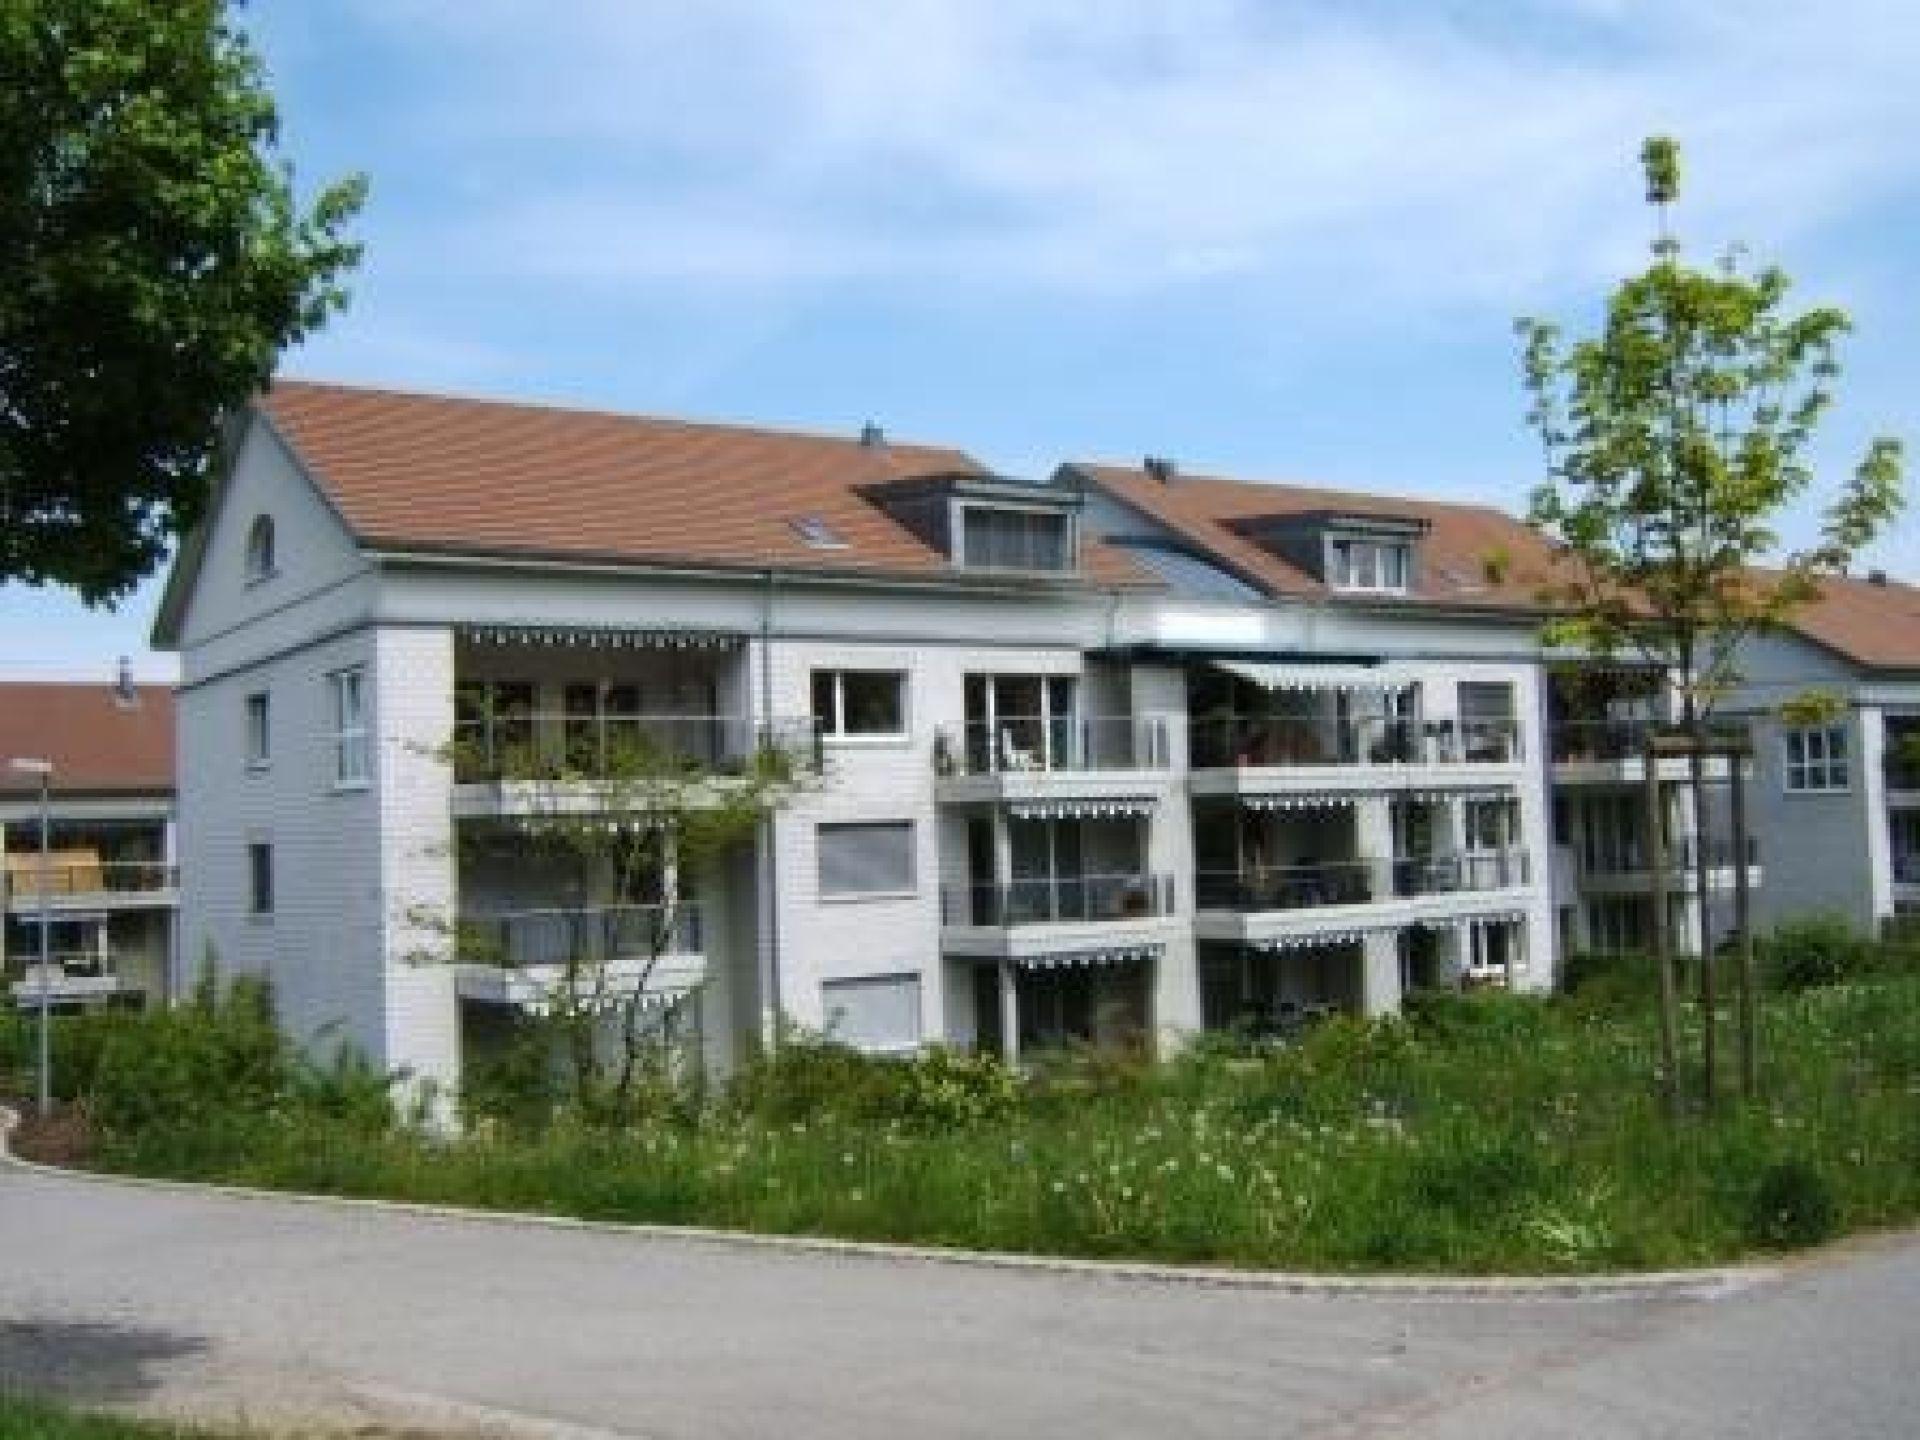 Miete: Schöne Wohnung mit Balkon in ruhigem Wohnquartier